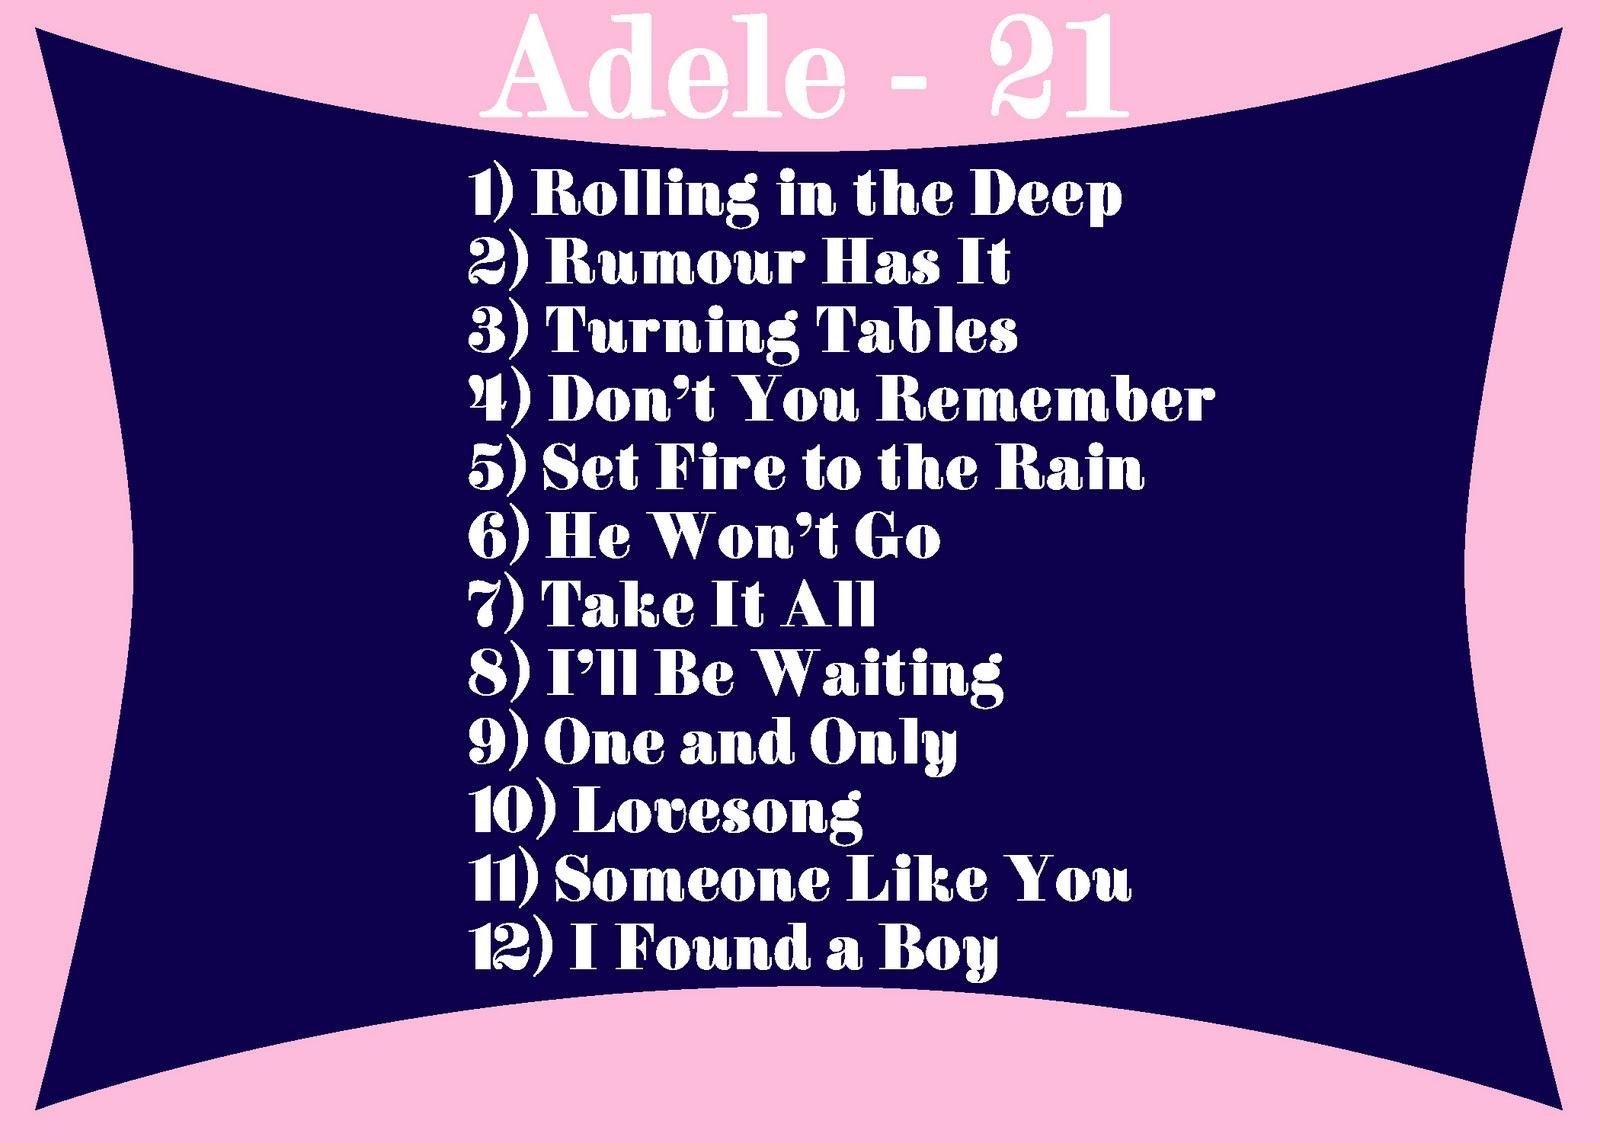 http://3.bp.blogspot.com/-SL32ZjecFIk/TY_bB5GA54I/AAAAAAAABXQ/Vv_wrBJaB2k/s1600/Adele+-21.jpg